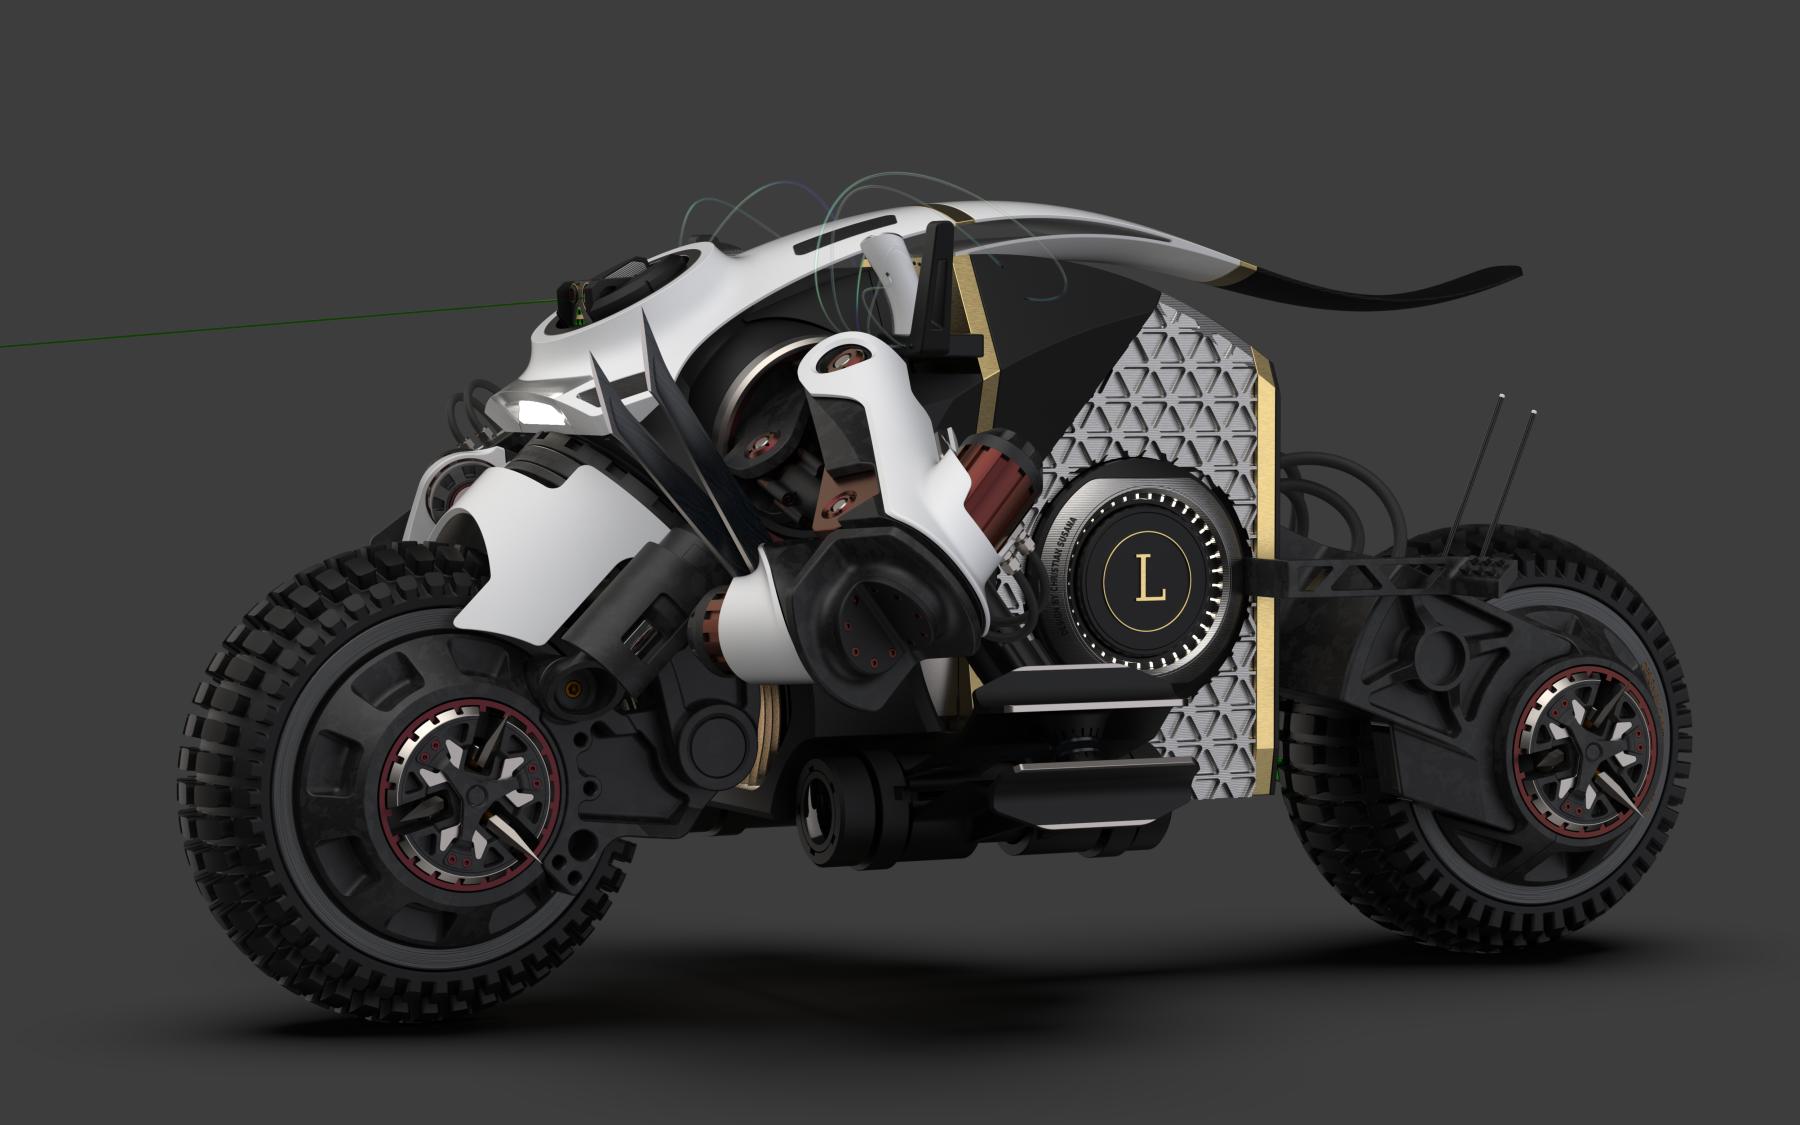 3D ART // Motorraddesign für einen verrückten Sci Fi Film.